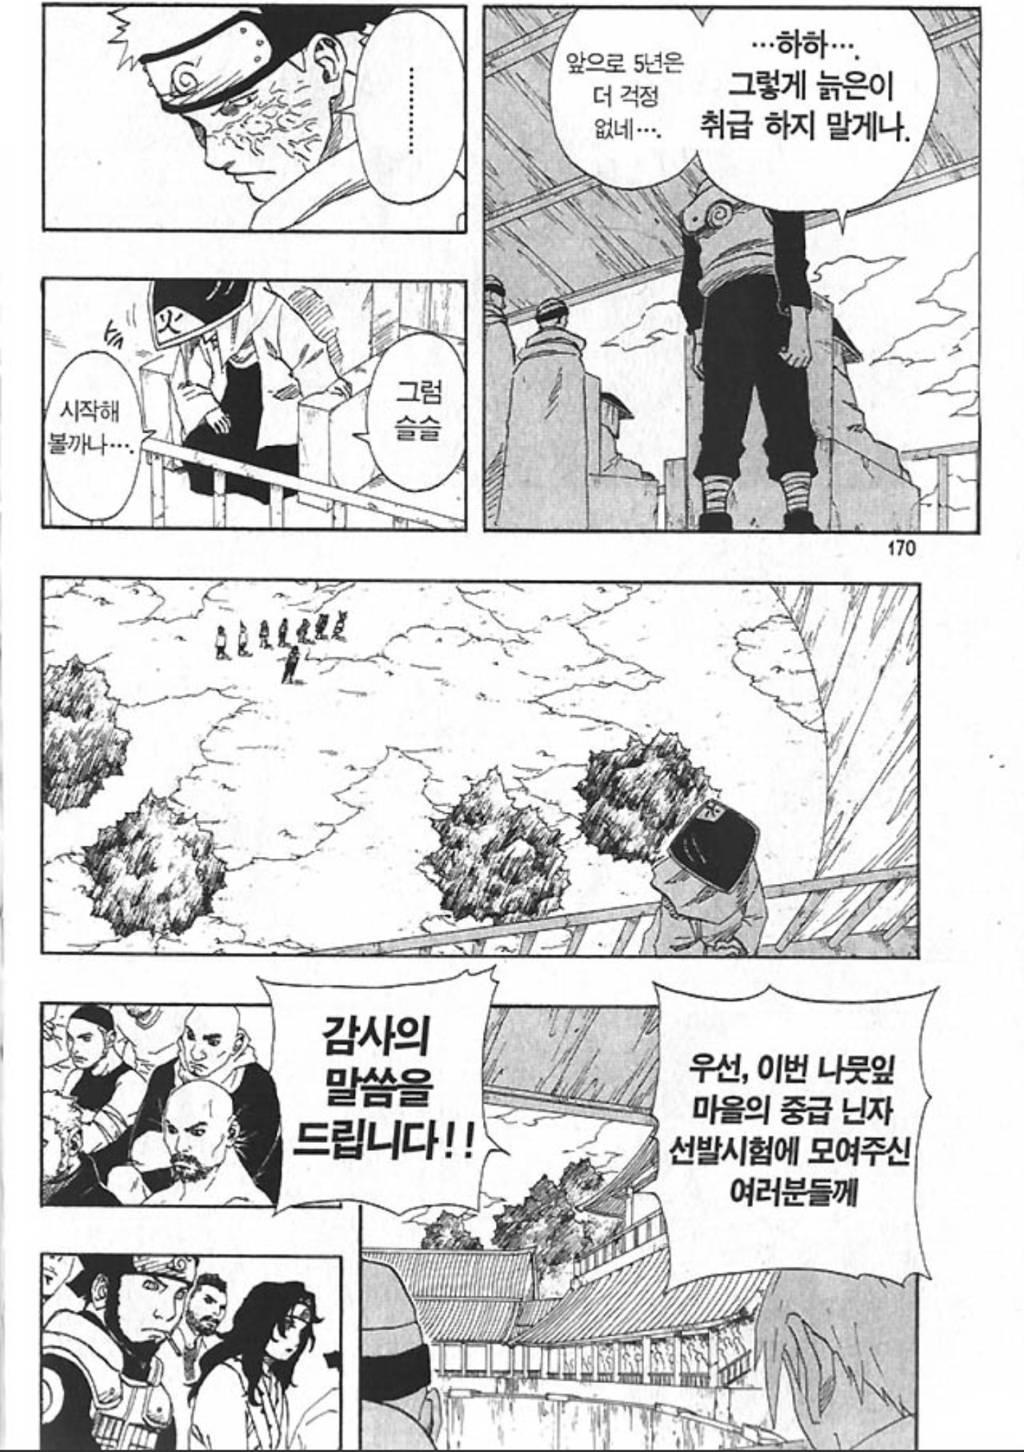 [나루토] 오로치마루가 3대를 죽인 이유.jpg | 인스티즈